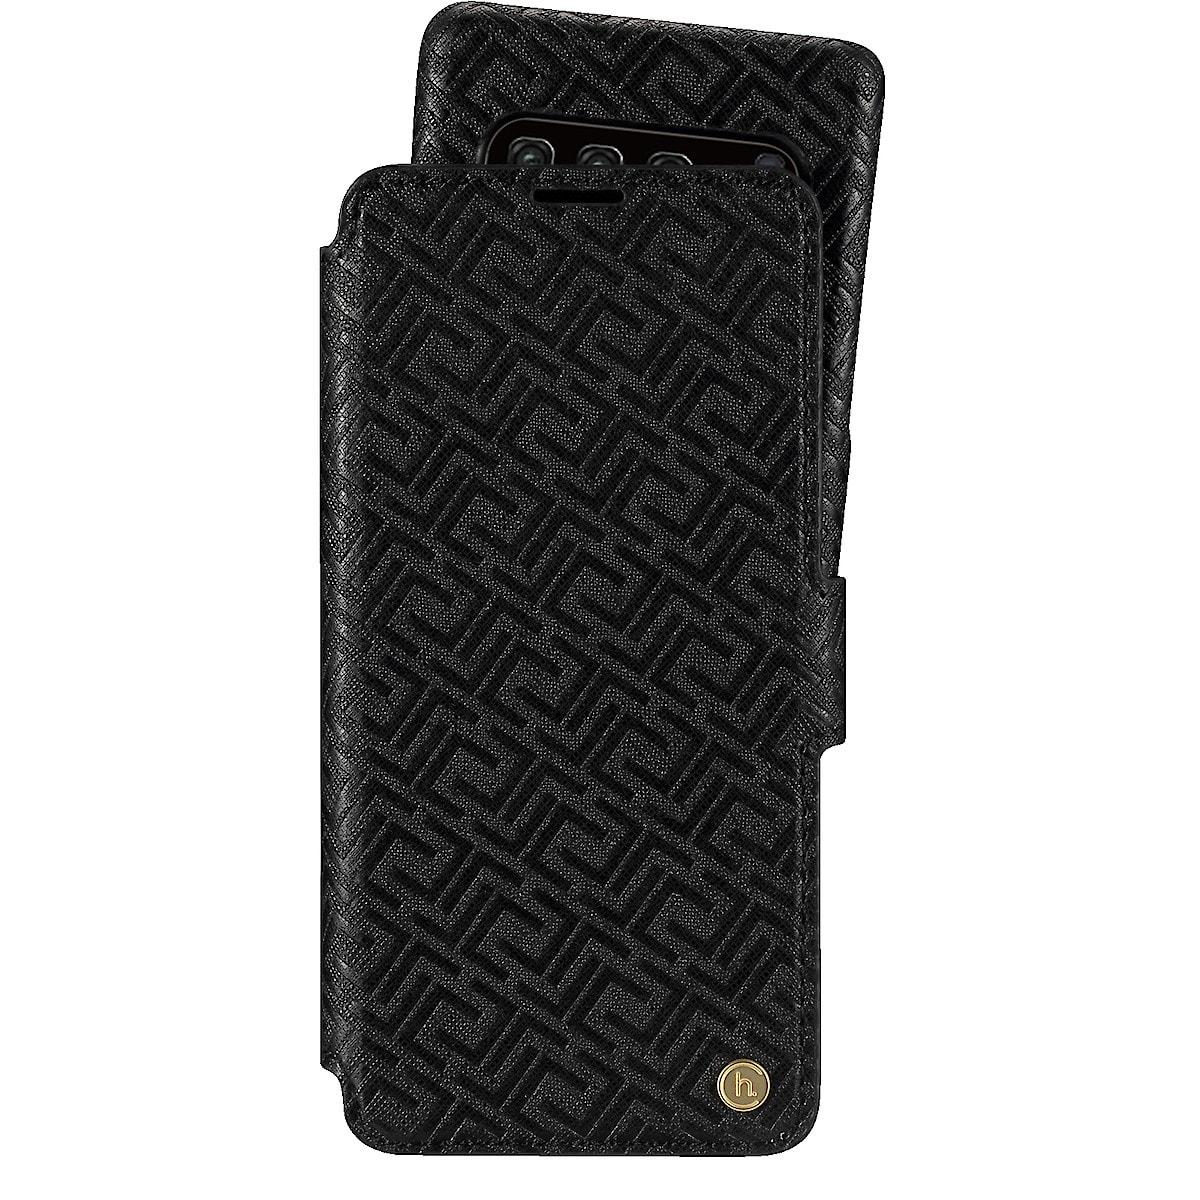 Taschenportemonnaie für Samsung Galaxy S10, Holdit Stockholm